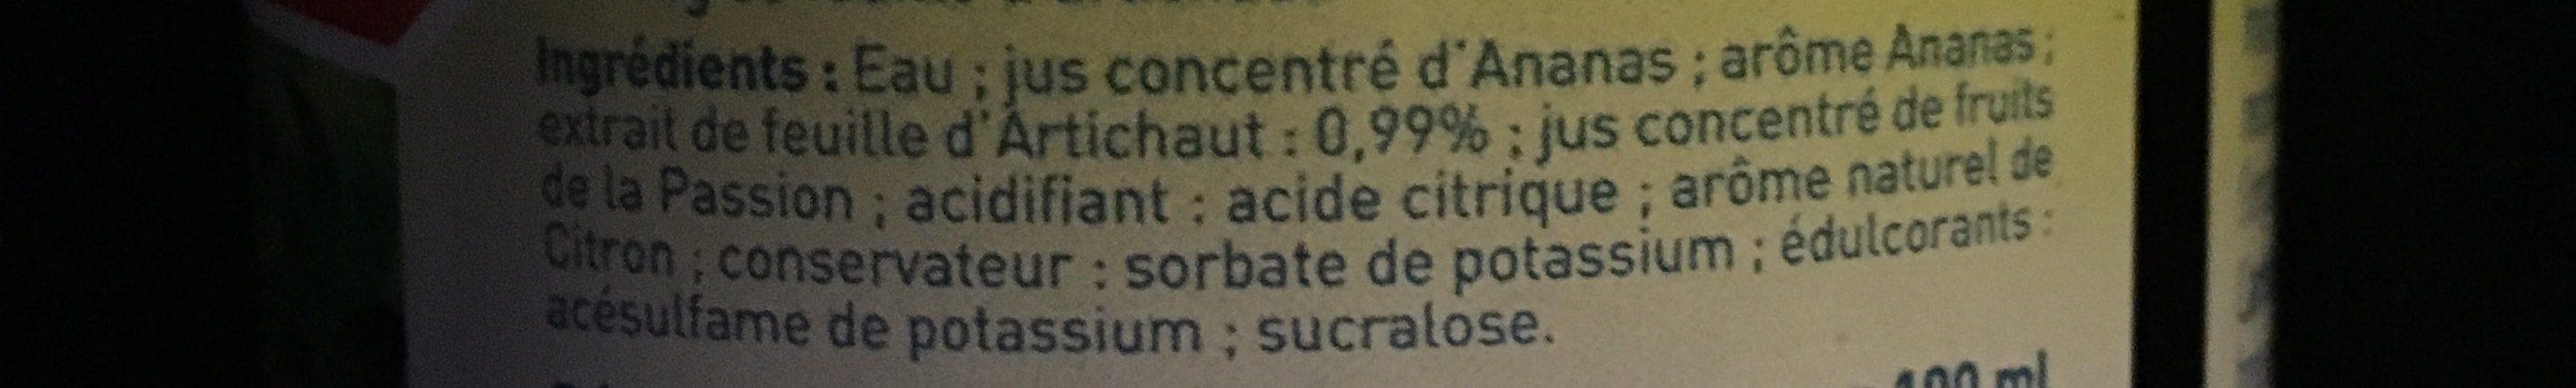 Artichaut détox - Ingrédients - fr